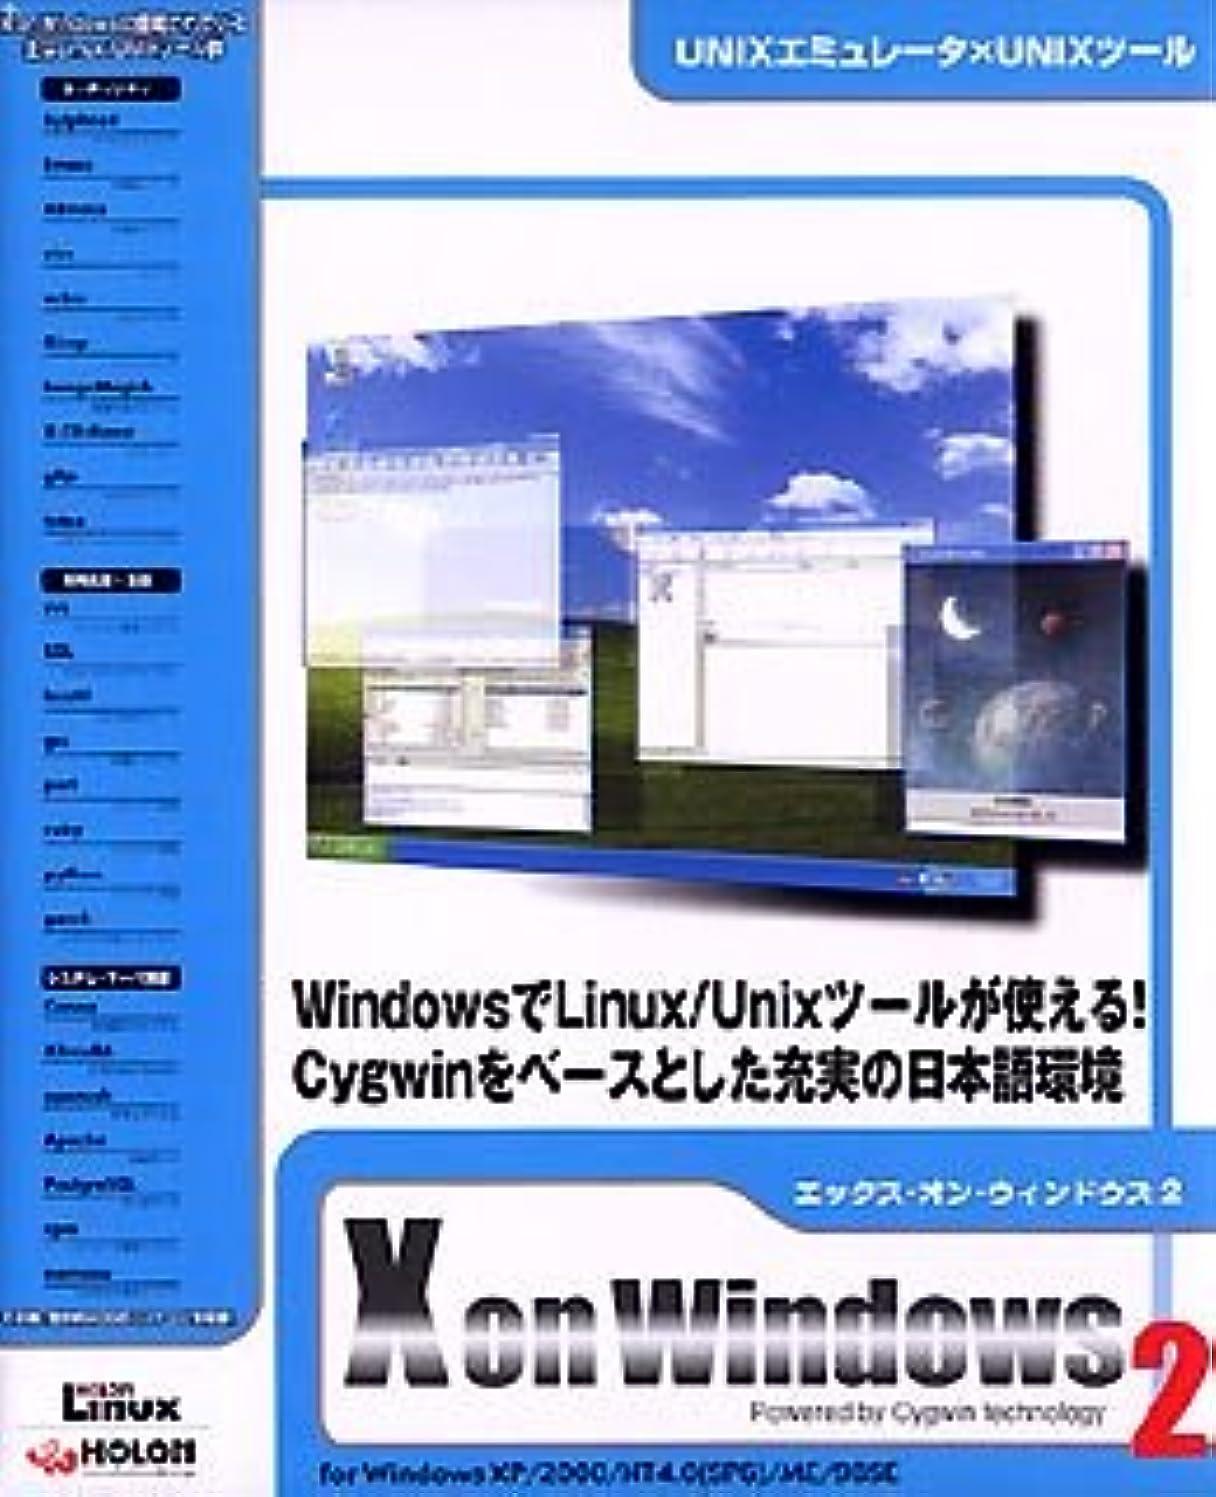 談話選挙世界記録のギネスブックX on Windows 2